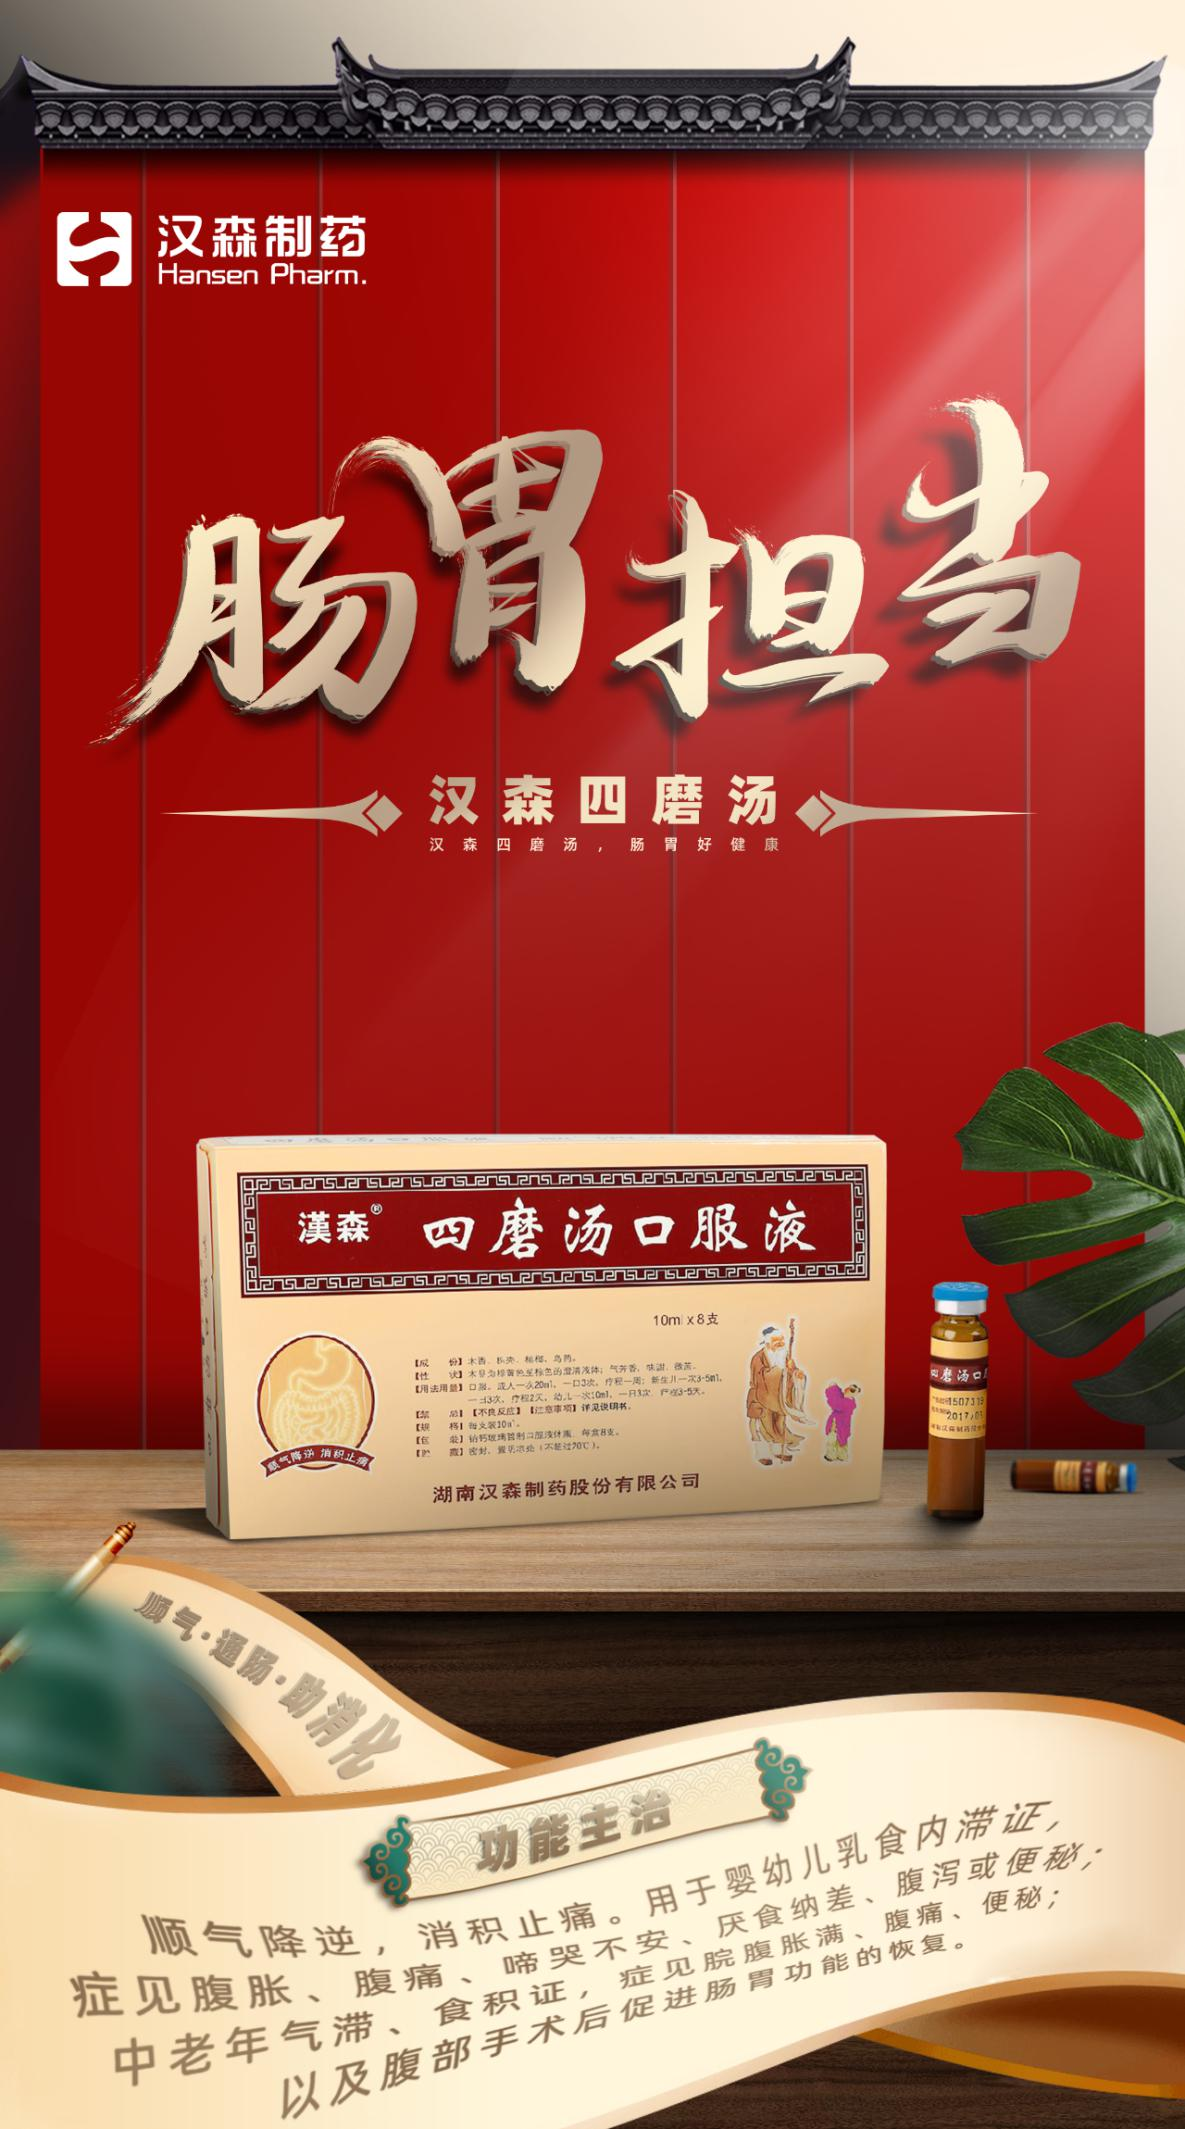 喜讯丨《四磨汤口服液用于慢性胃肠疾病治疗及腹部手术后肠胃功能康复的专家共识》发布